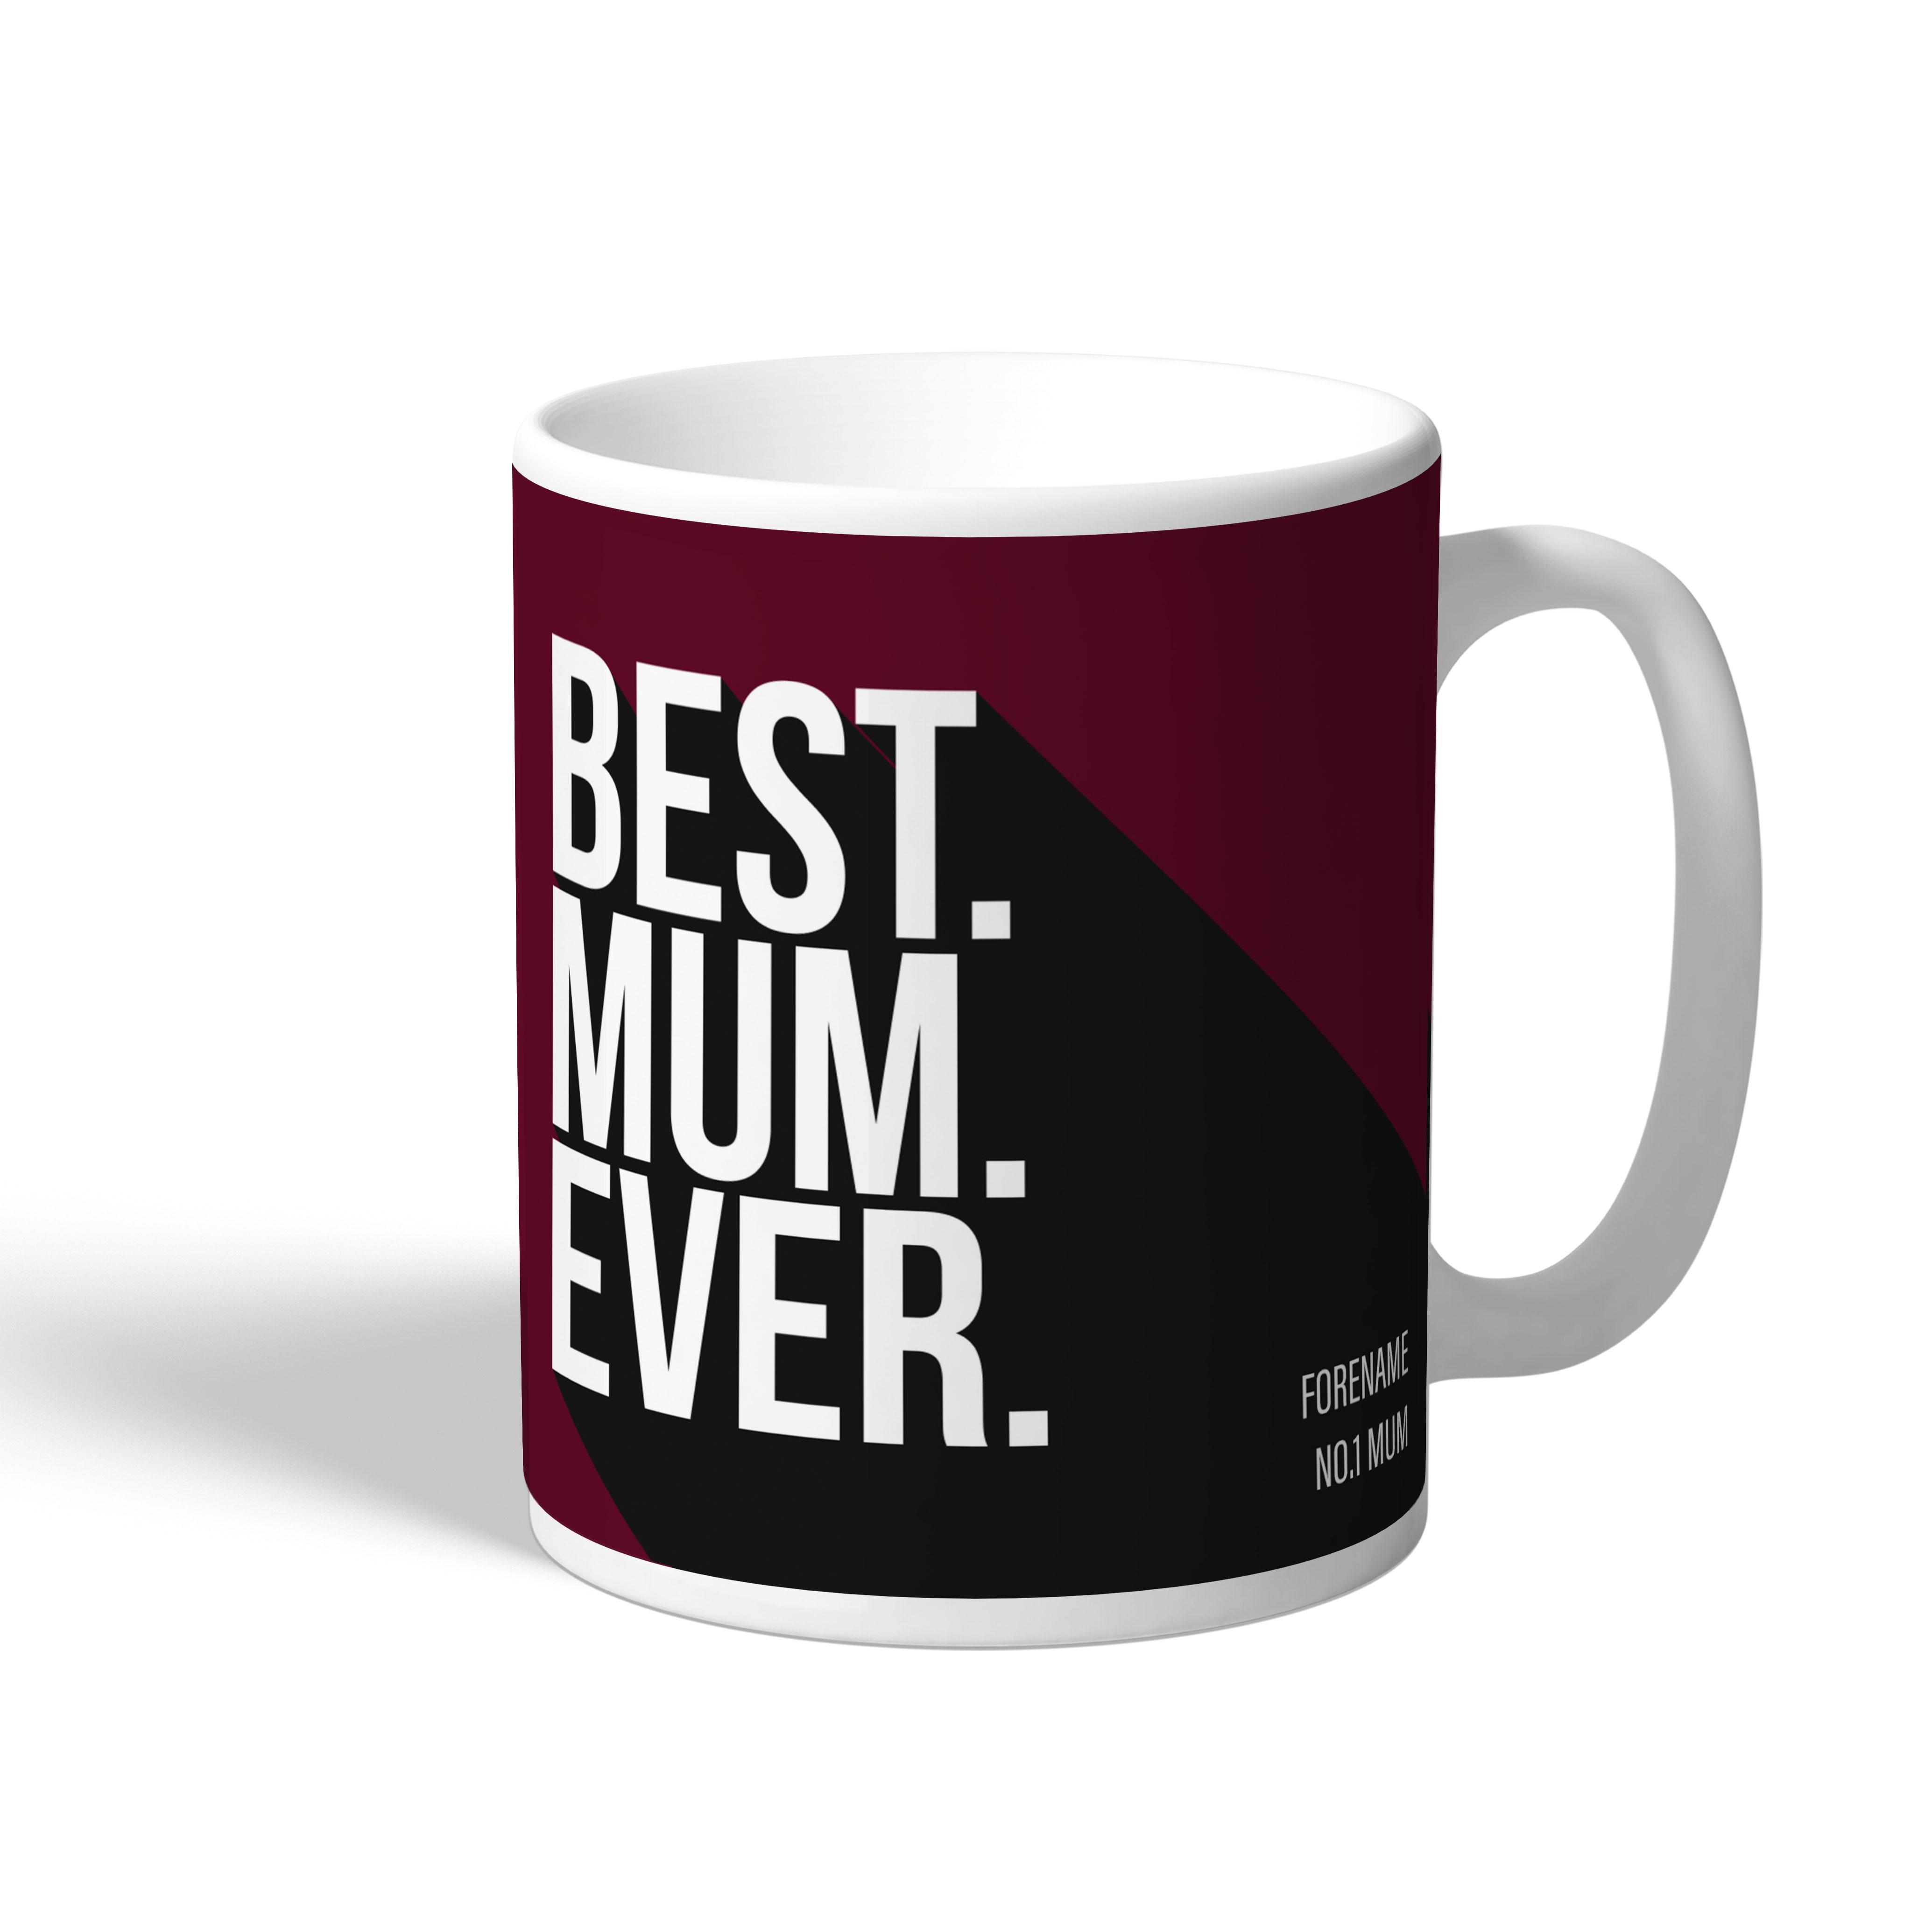 West Ham United FC Best Mum Ever Mug